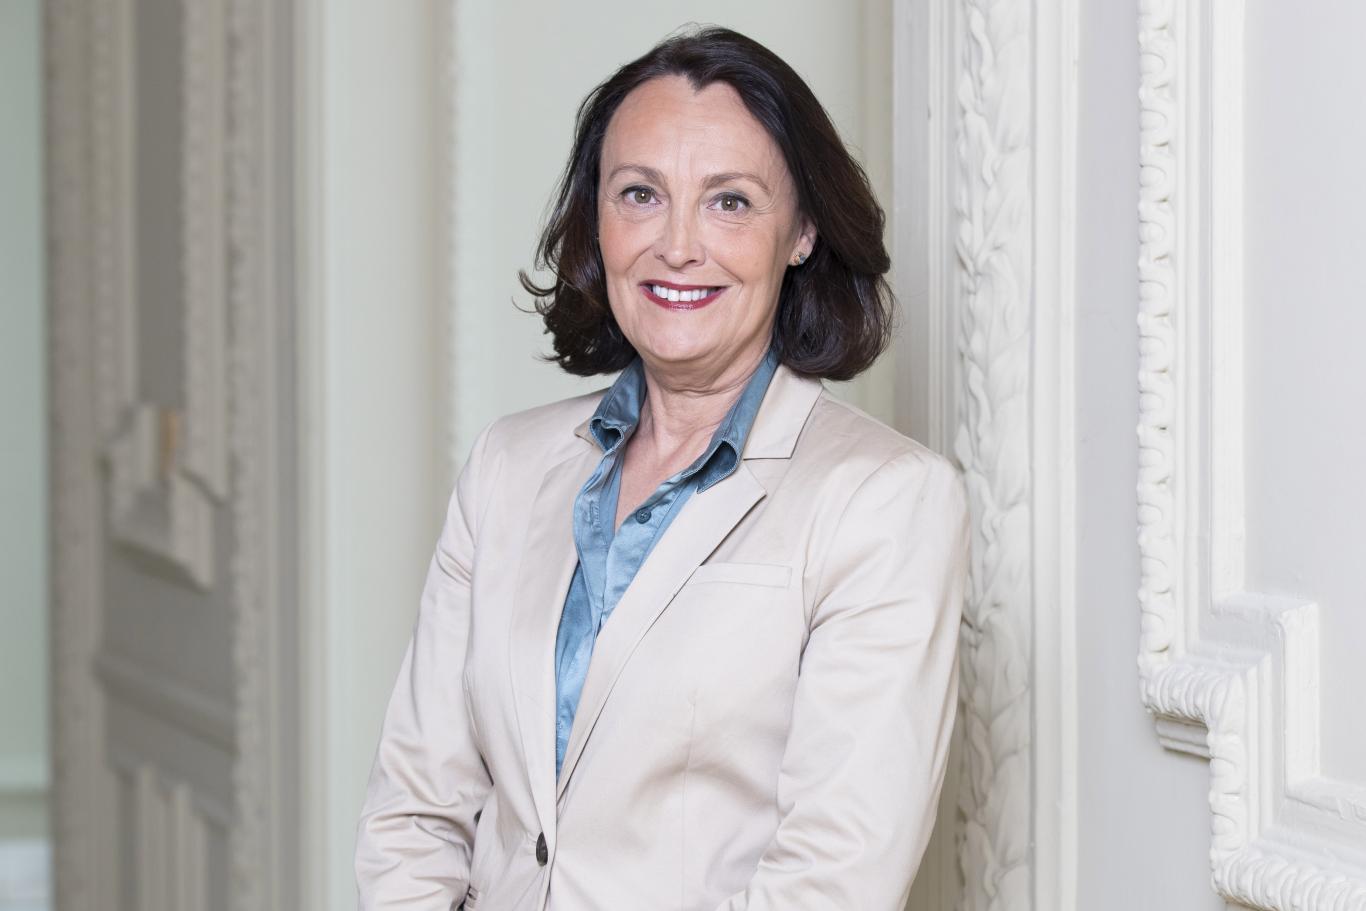 Yolanda Ibarrola de la Fuente